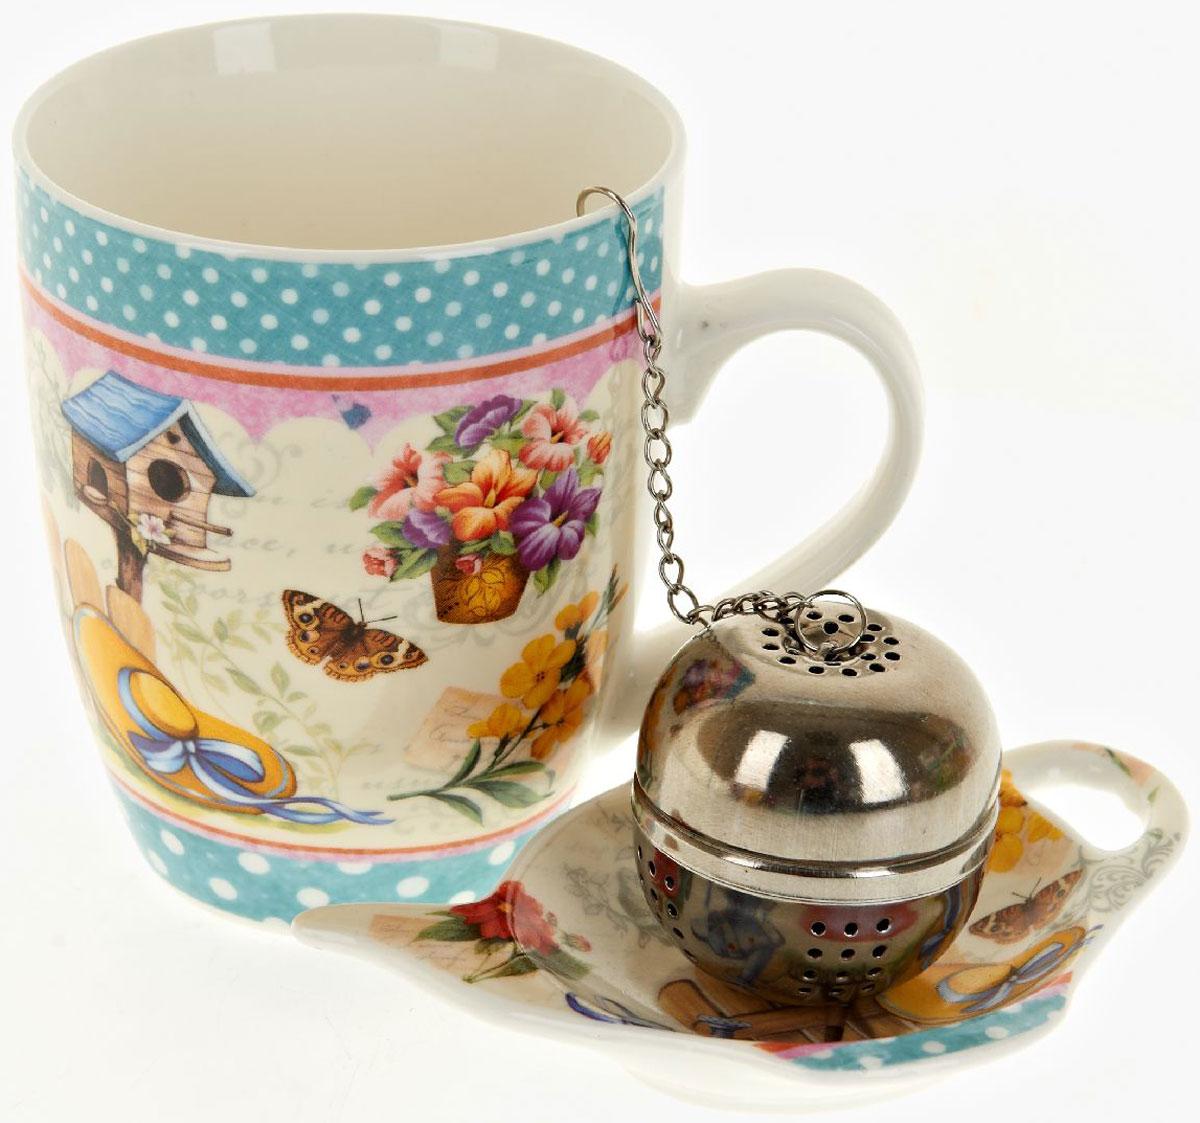 Кружка Nouvelle De France Сад, с фильтром, с подставкой под чайный пакетик, 340 млM0661241Оригинальная кружка Nouvelle с ситечком для заварки и подставкой под чайный пакетик, выполненная из высококачественного фарфора, сочетает в себе изысканный дизайн с максимальной функциональностью. Красочность оформления кружки придется по вкусу и ценителям классики, и тем, кто предпочитает утонченность и изысканность. В комплект входит кружка, ситечко и подставка. Можно использовать в ПММ.